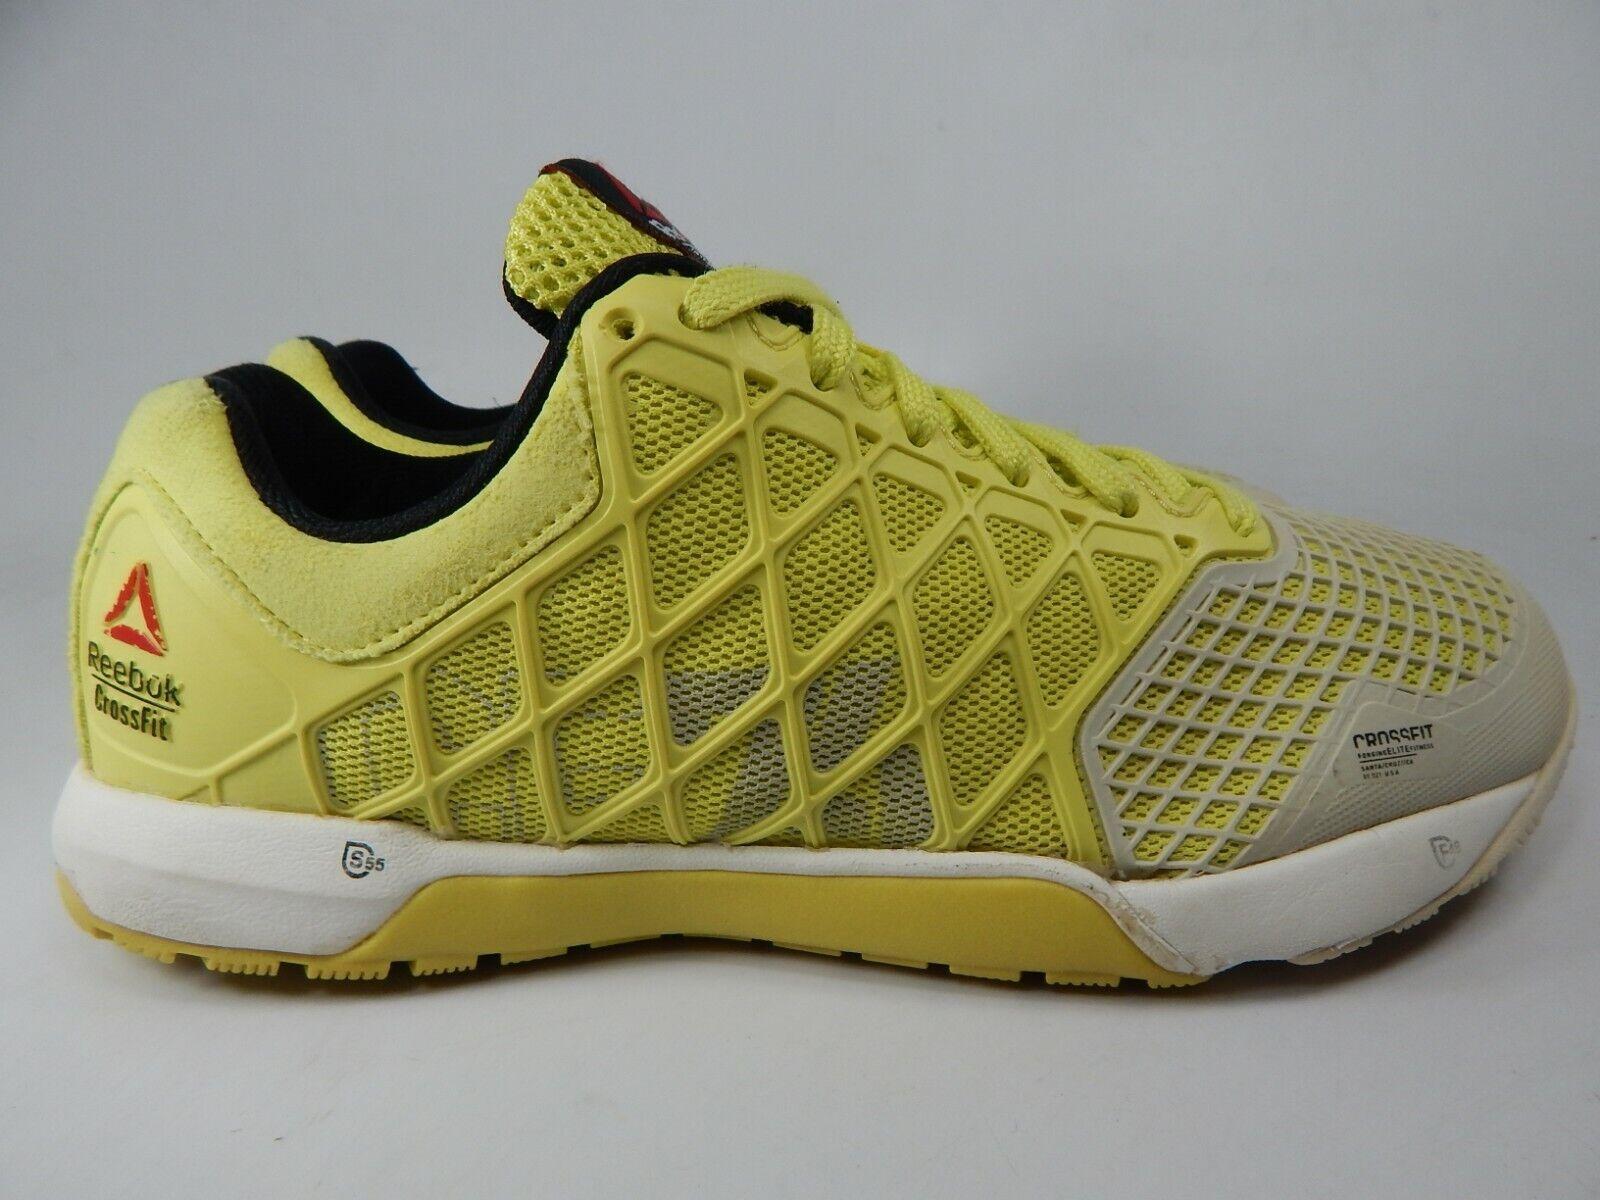 Reebok Crossfit Nano 4.0 tamaño nos 8.5 M (B) Para Mujer Zapatos de entrenamiento M40527